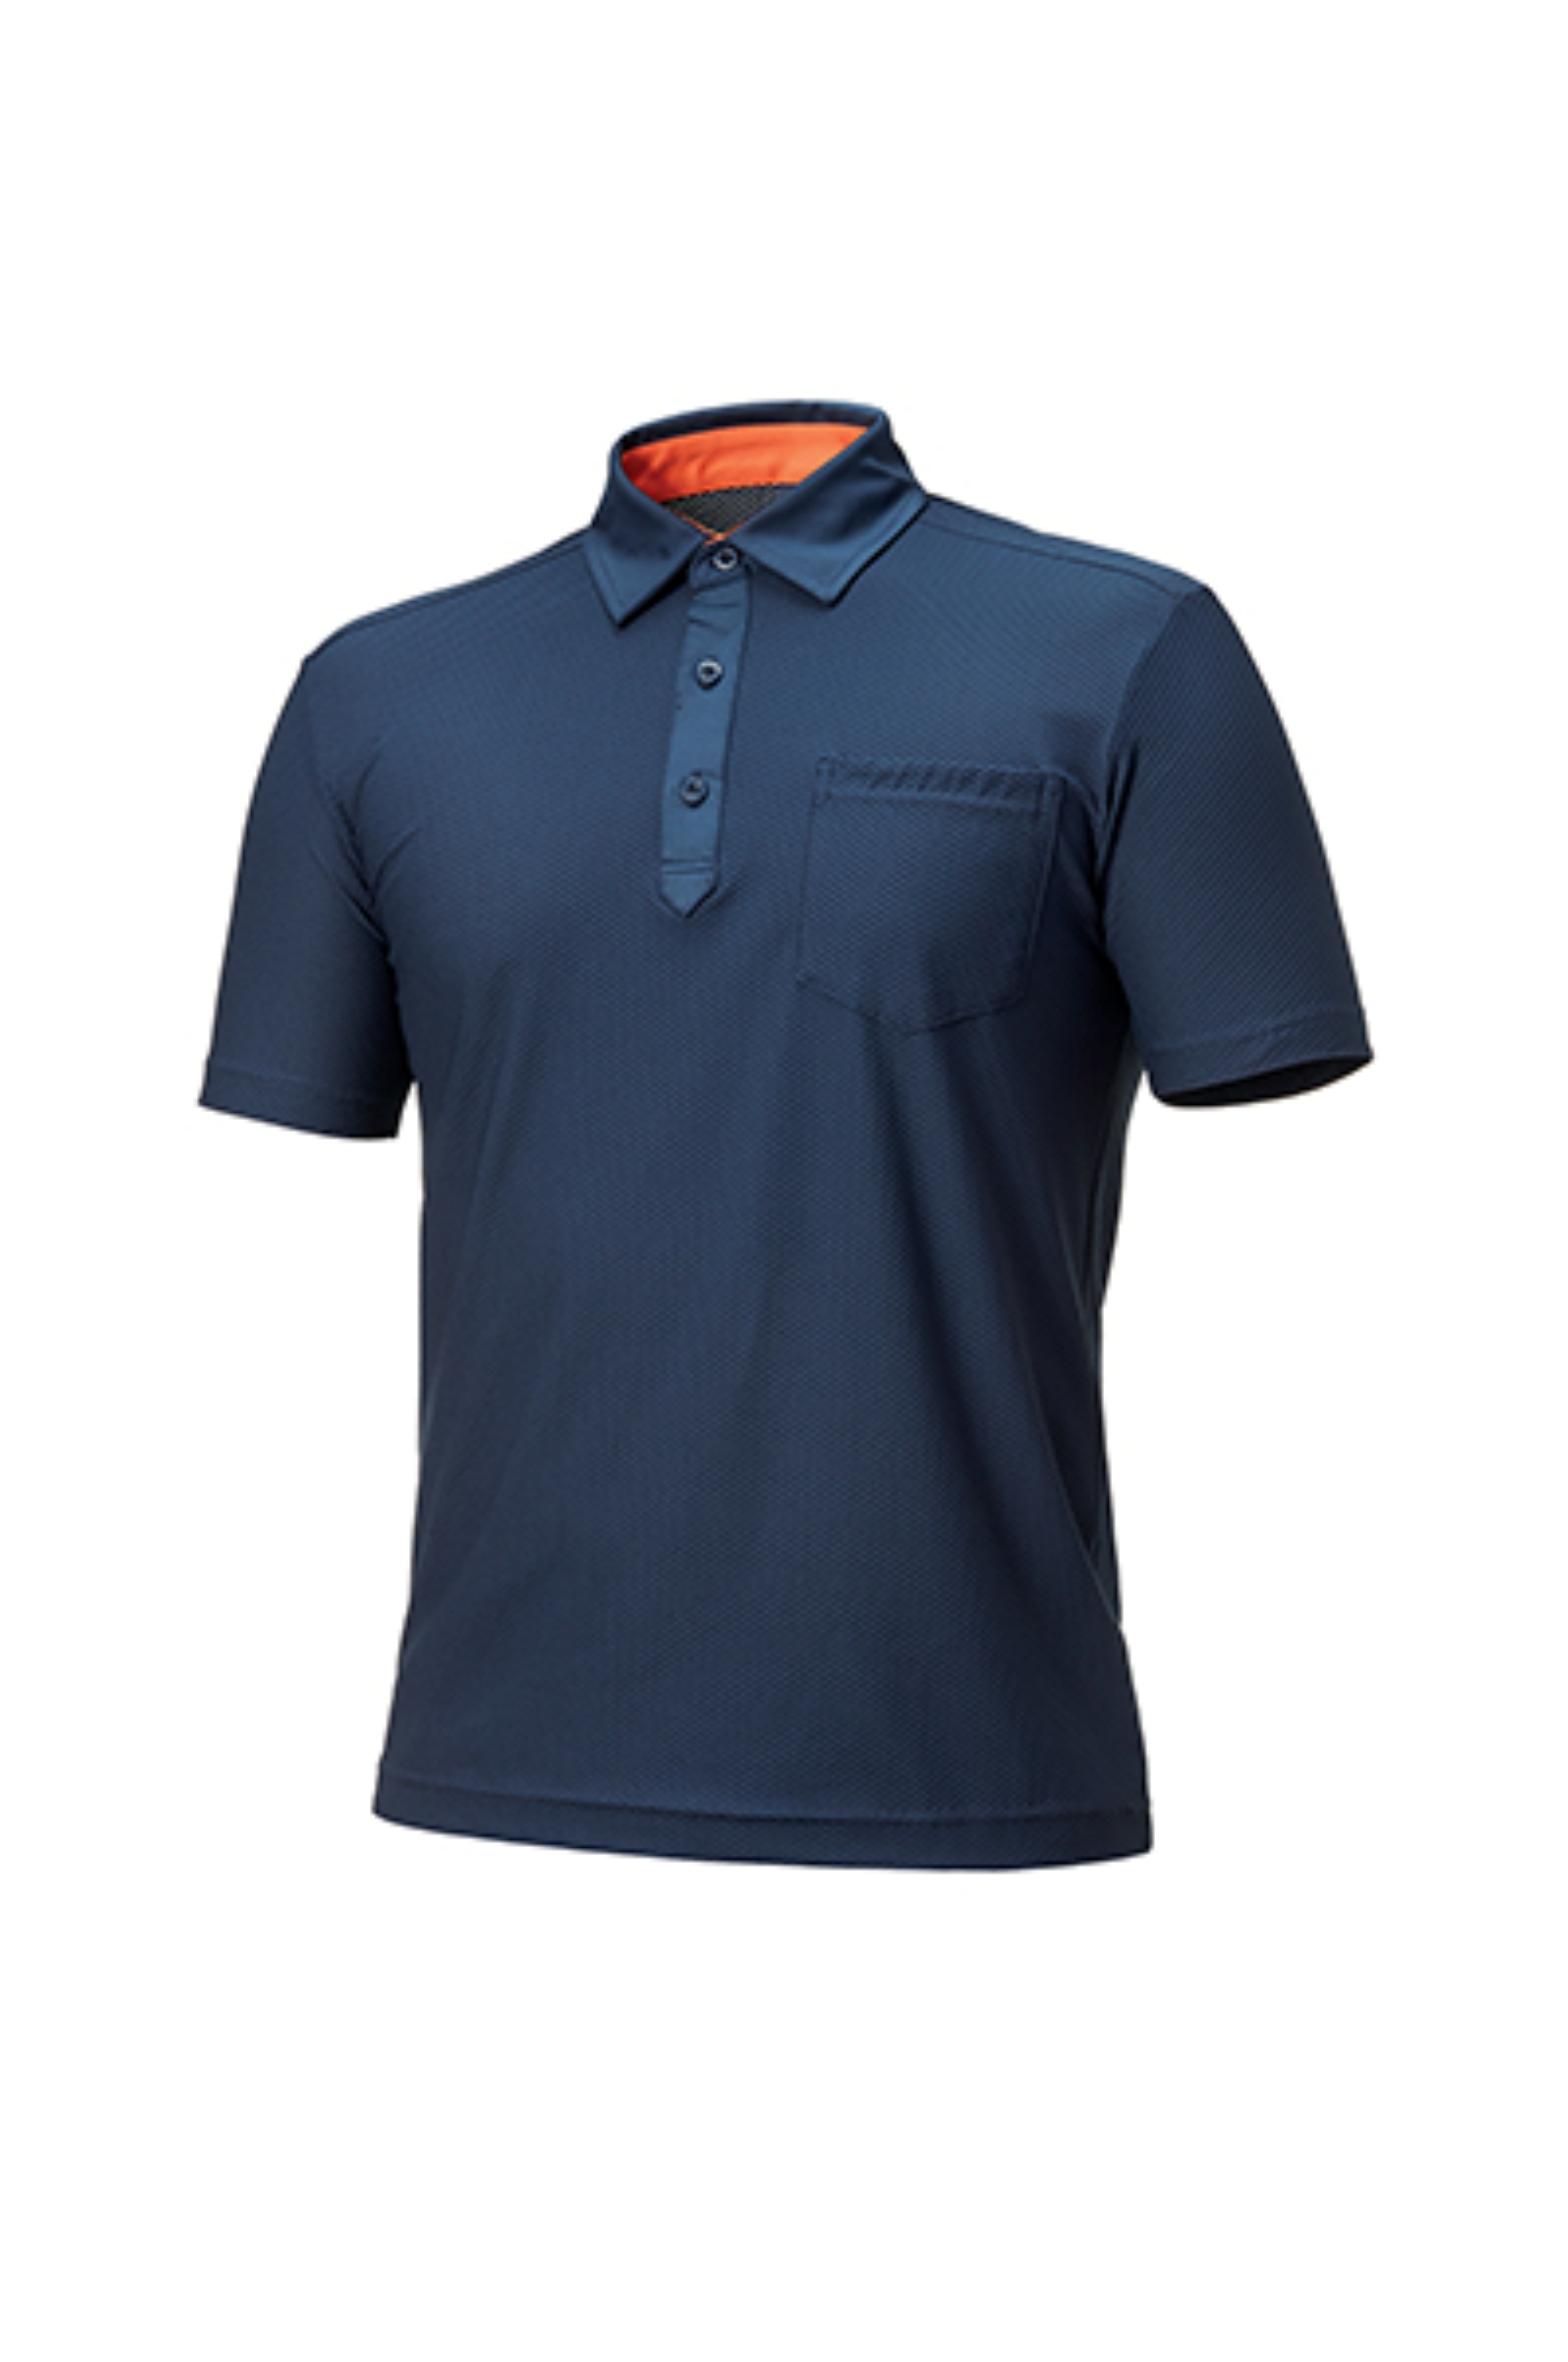 ZB-T1631 (네이비)지벤 작업복 티셔츠(스판)